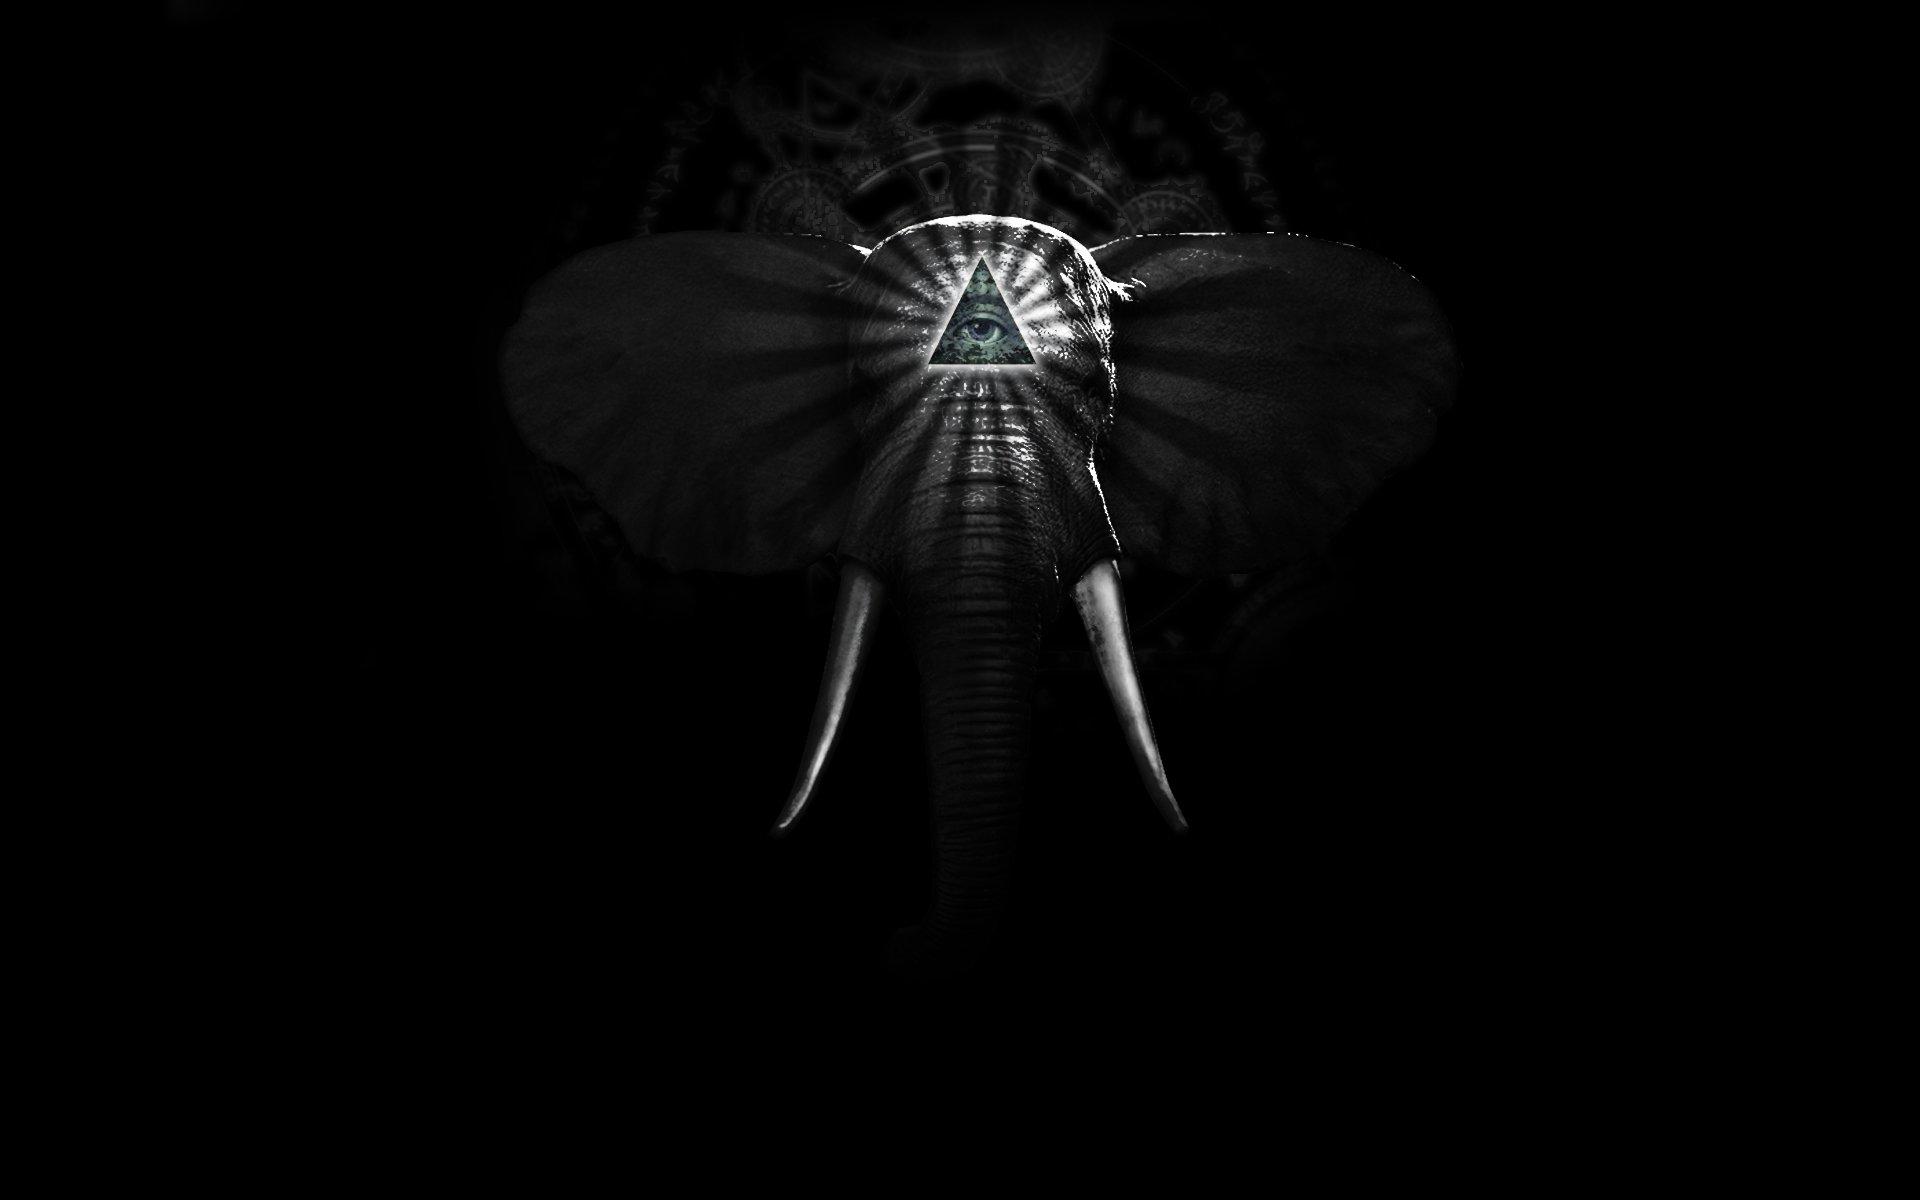 Elephant Hd Desktop Wallpaper High Definition Fullscreen